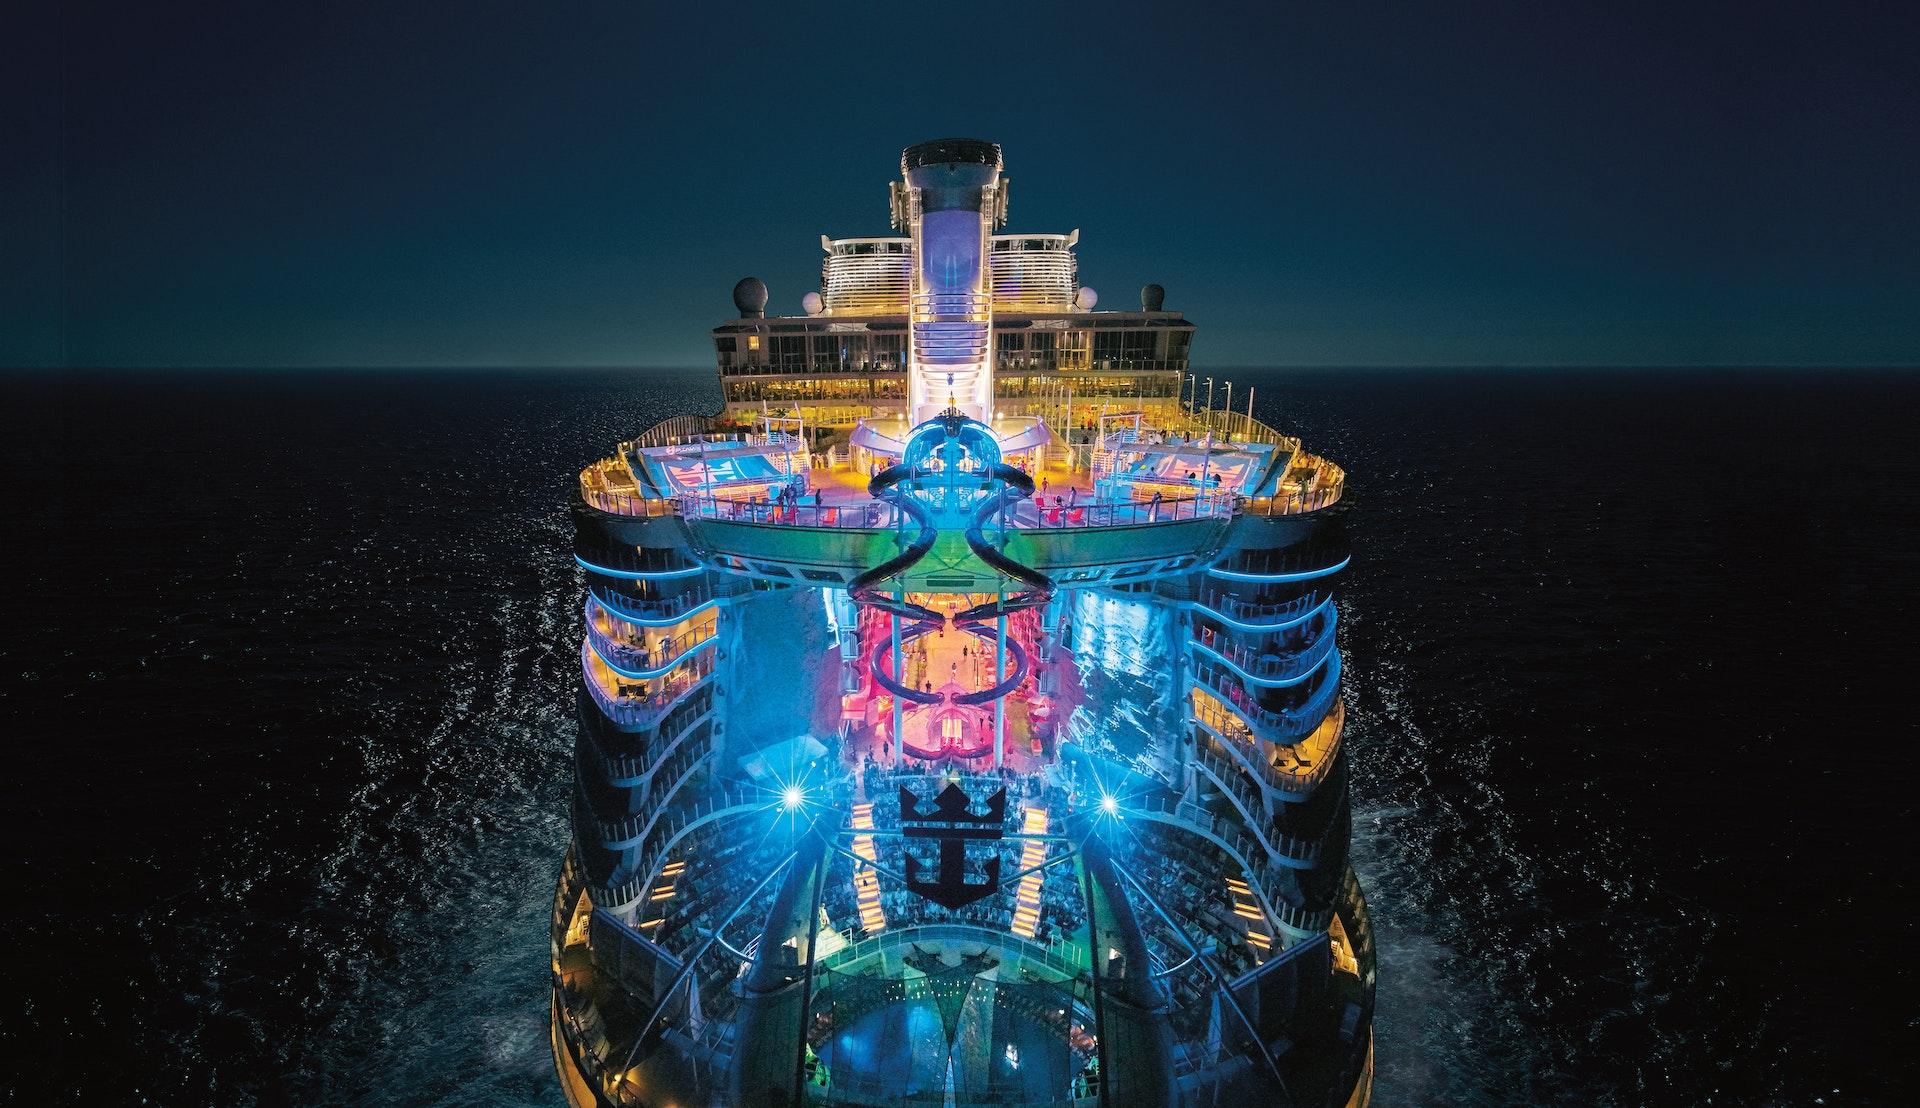 Harmony of the Seas Välimeri